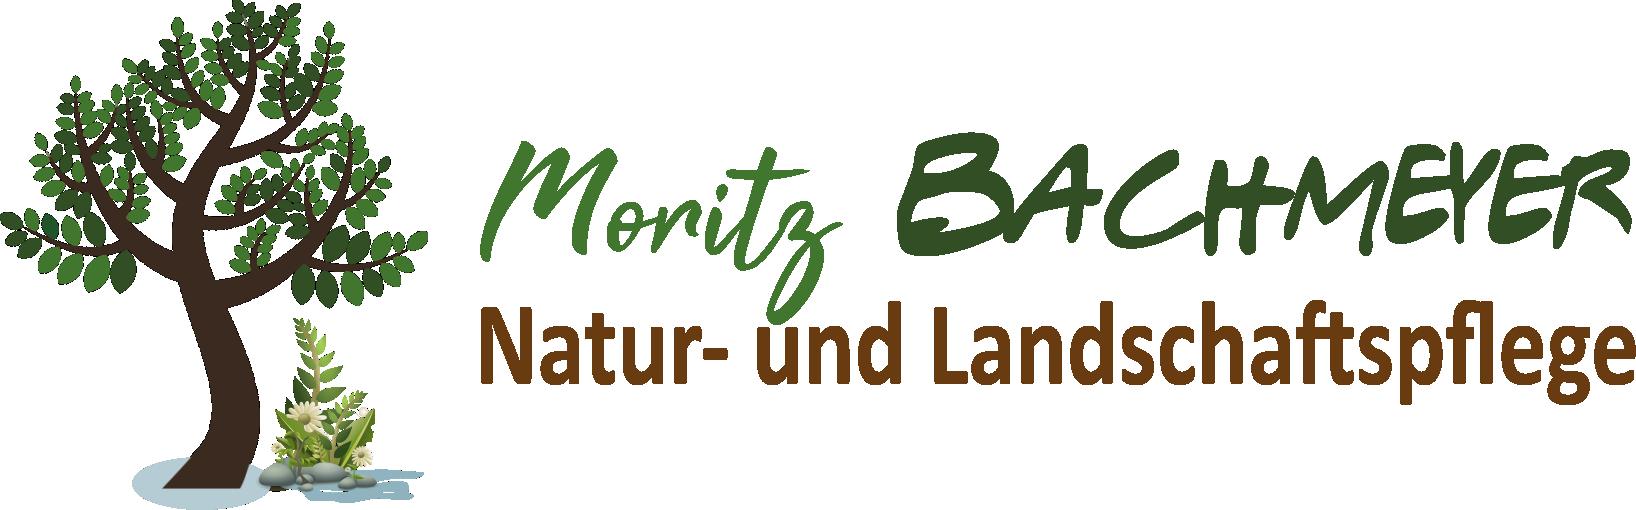 Natur-und Landschaftspflege Moritz Bachmeyer